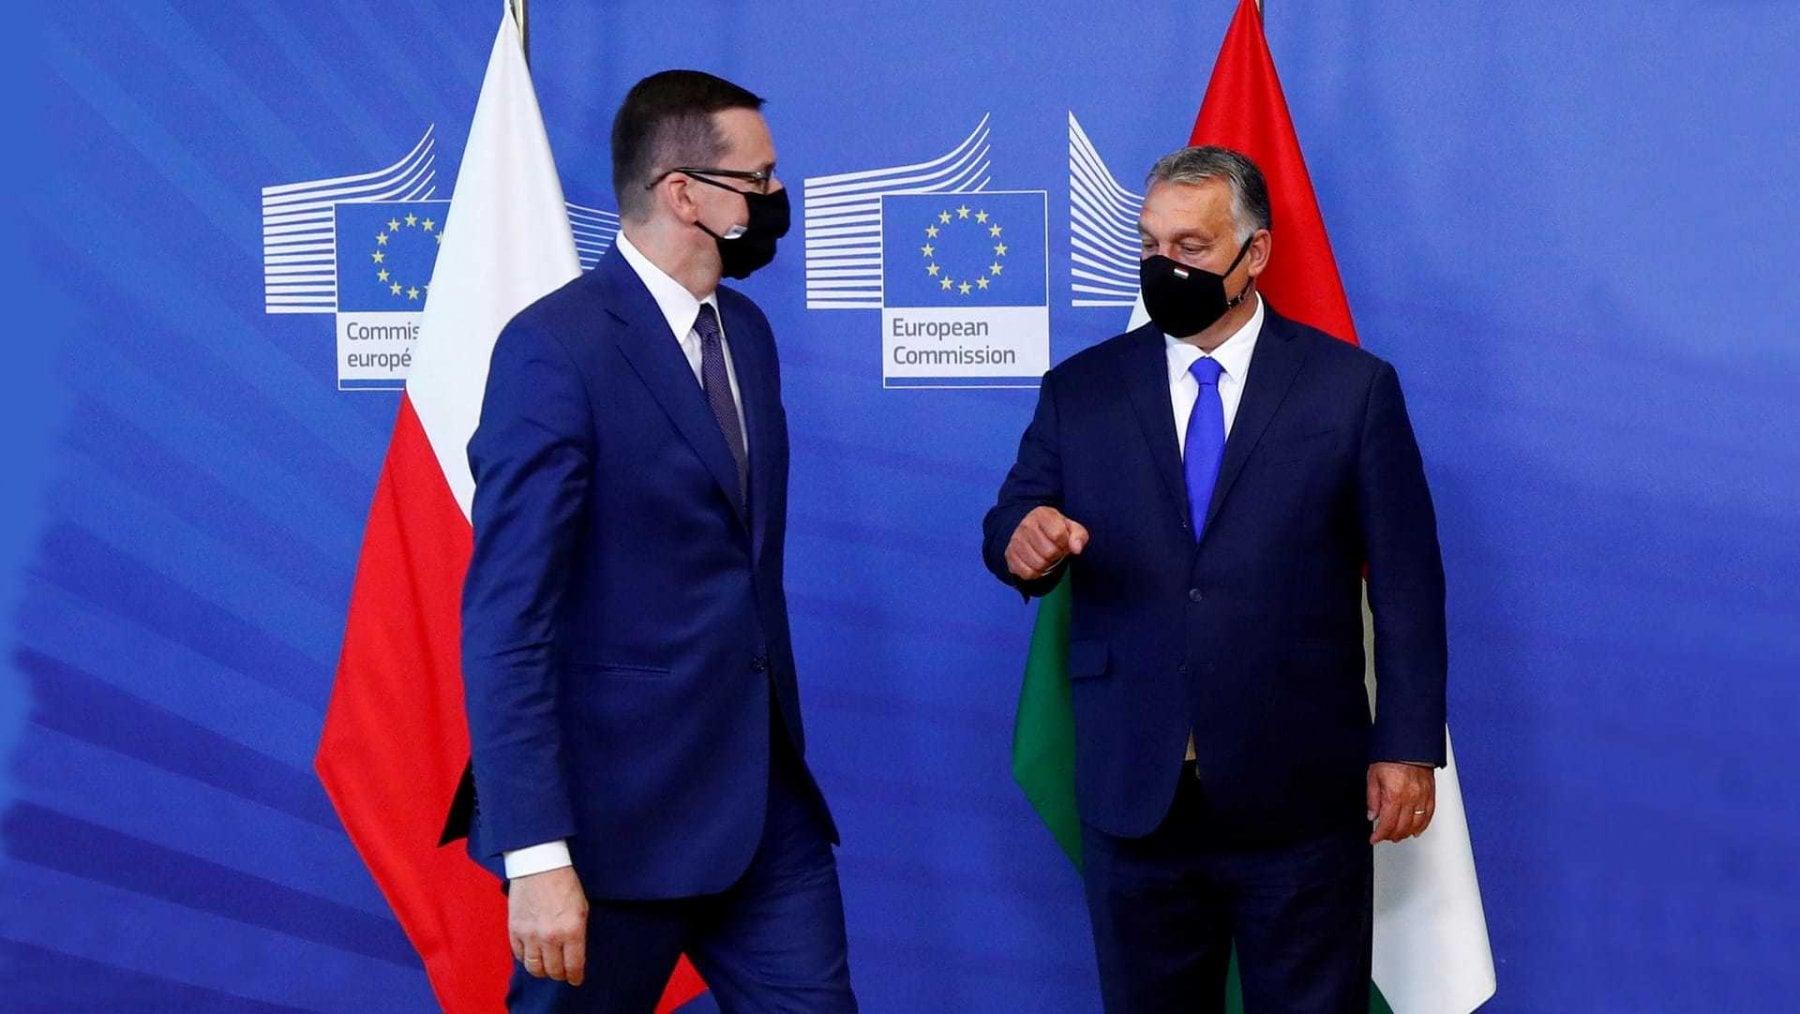 151522563 95ef6498 f1d9 471d 8f0e 25e5d42bdcac - Salvini e Morawiecki giovedì a Budapest da Orban per creare l'alleanza delle destre populiste